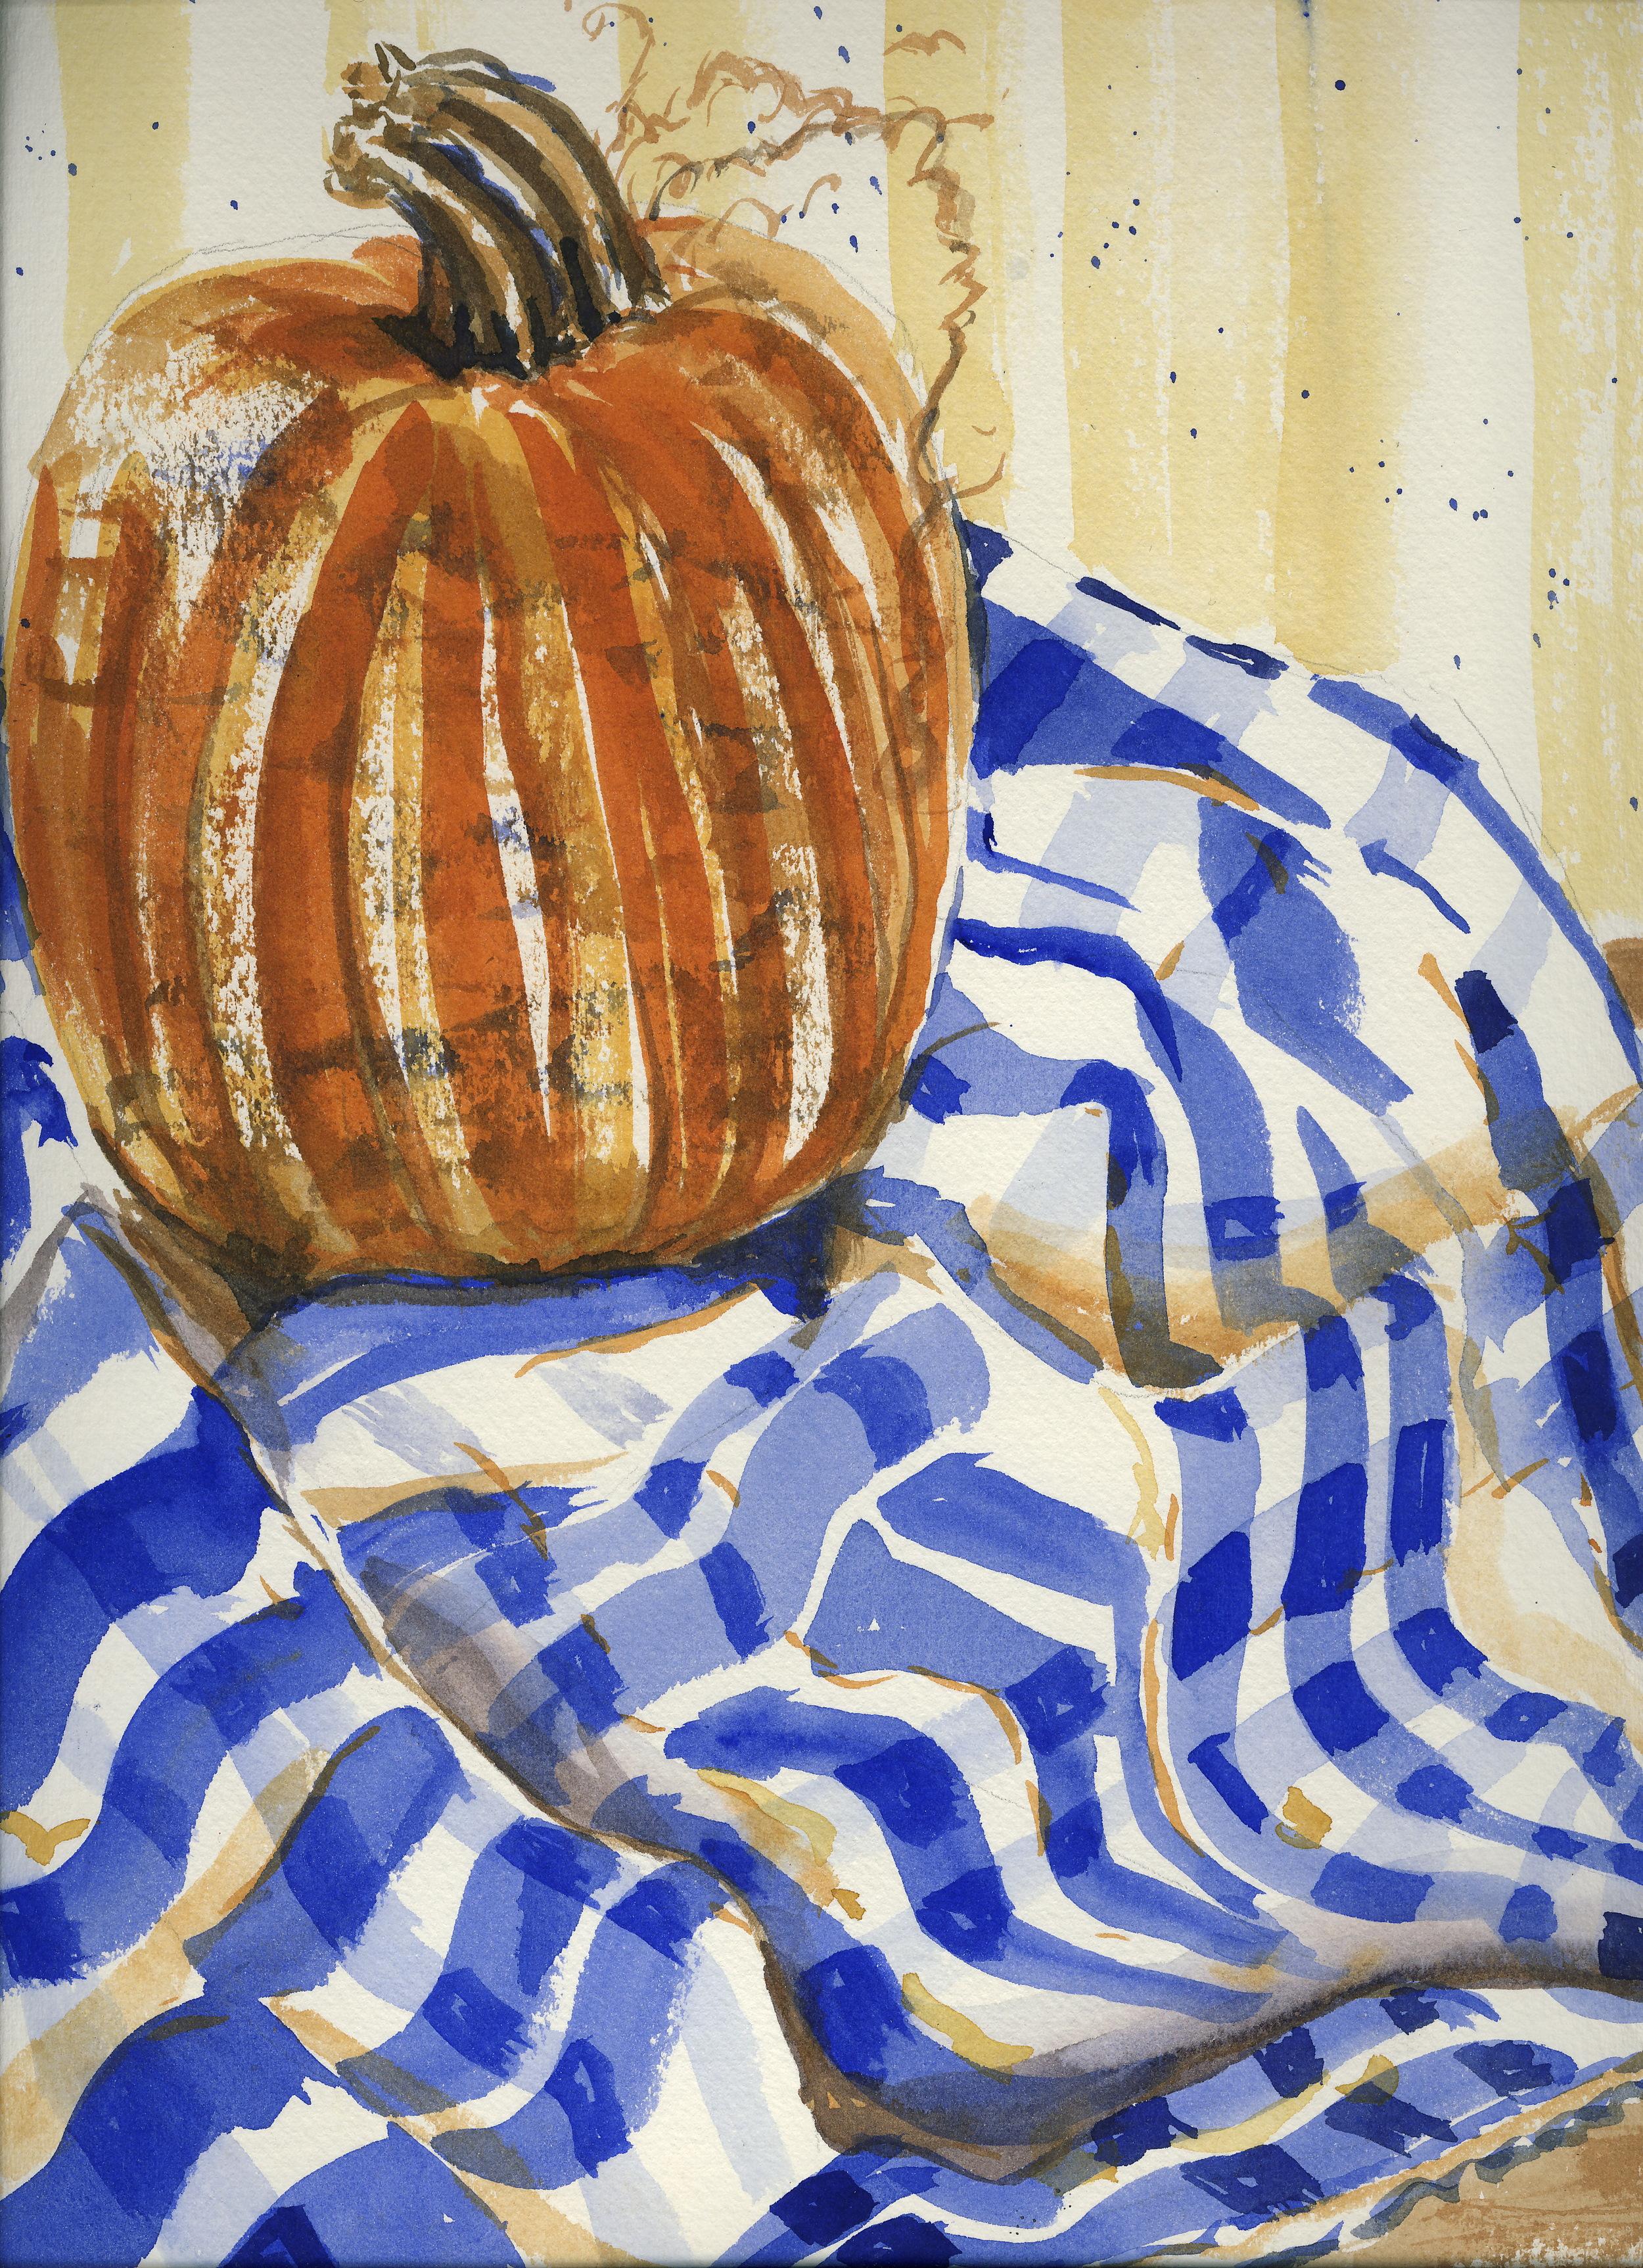 Gingham Pumpkin